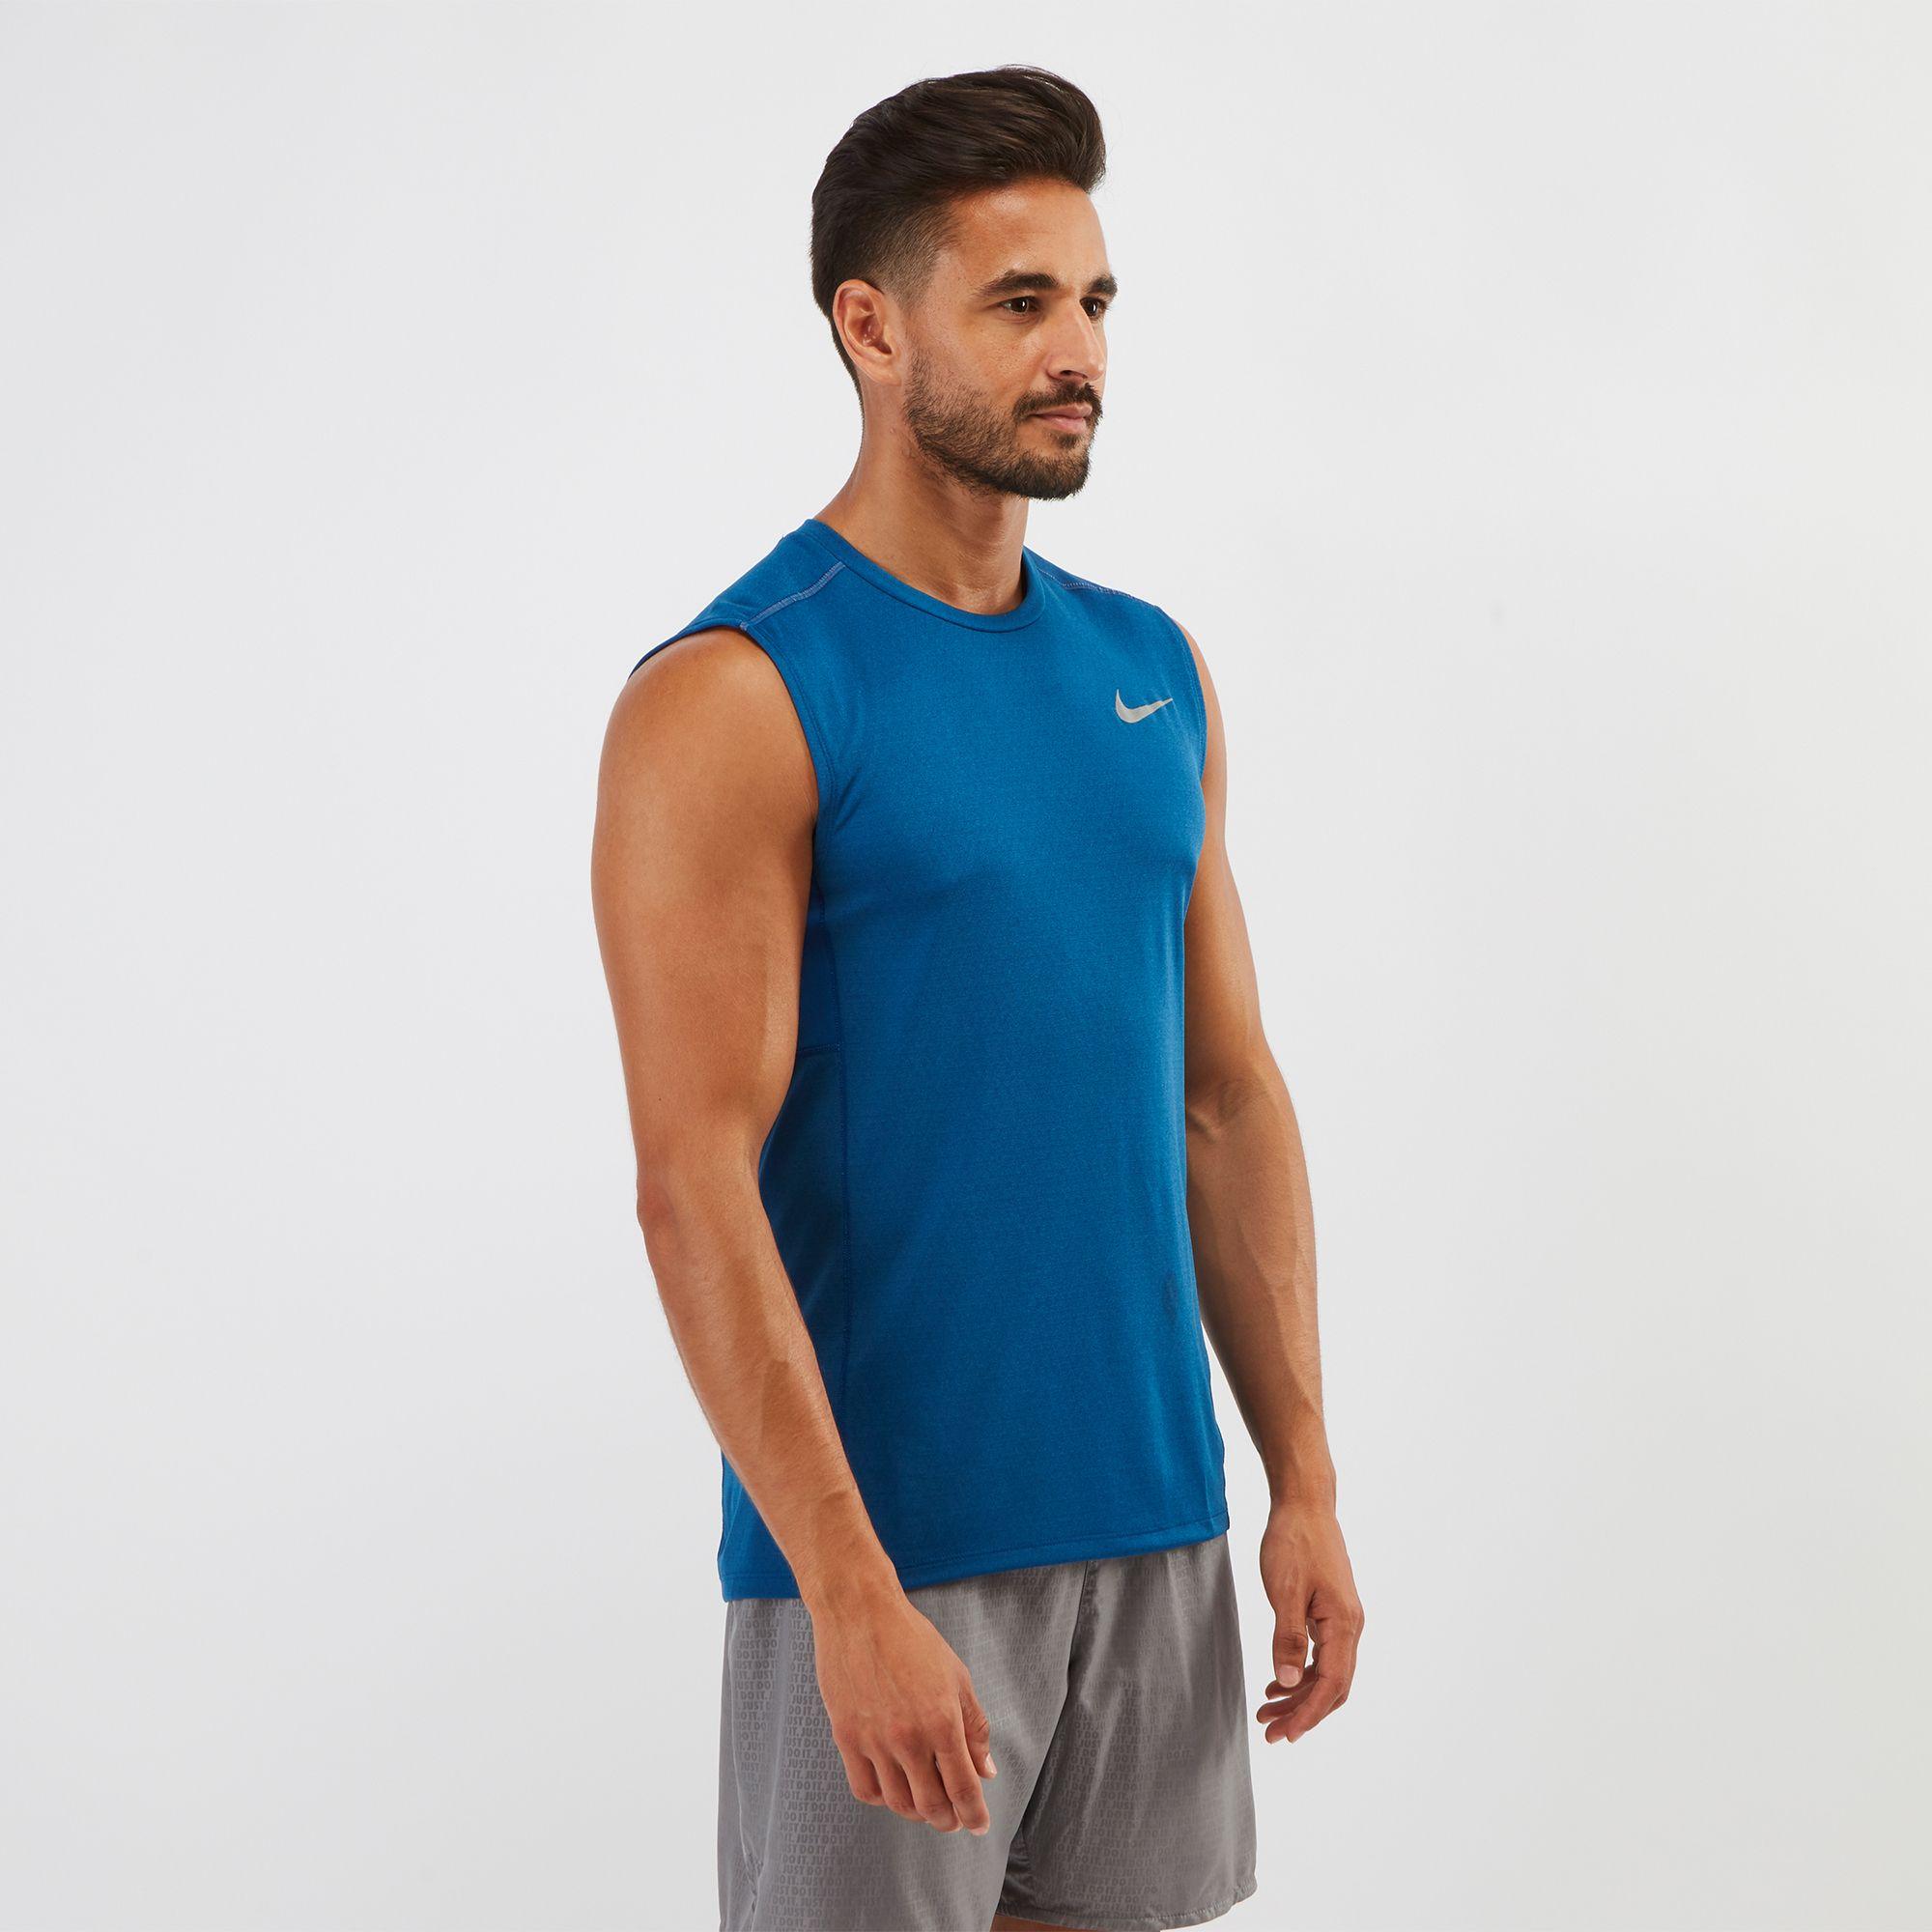 7b0182f6e52622 Nike Miler Tank T Shirt - BCD Tofu House